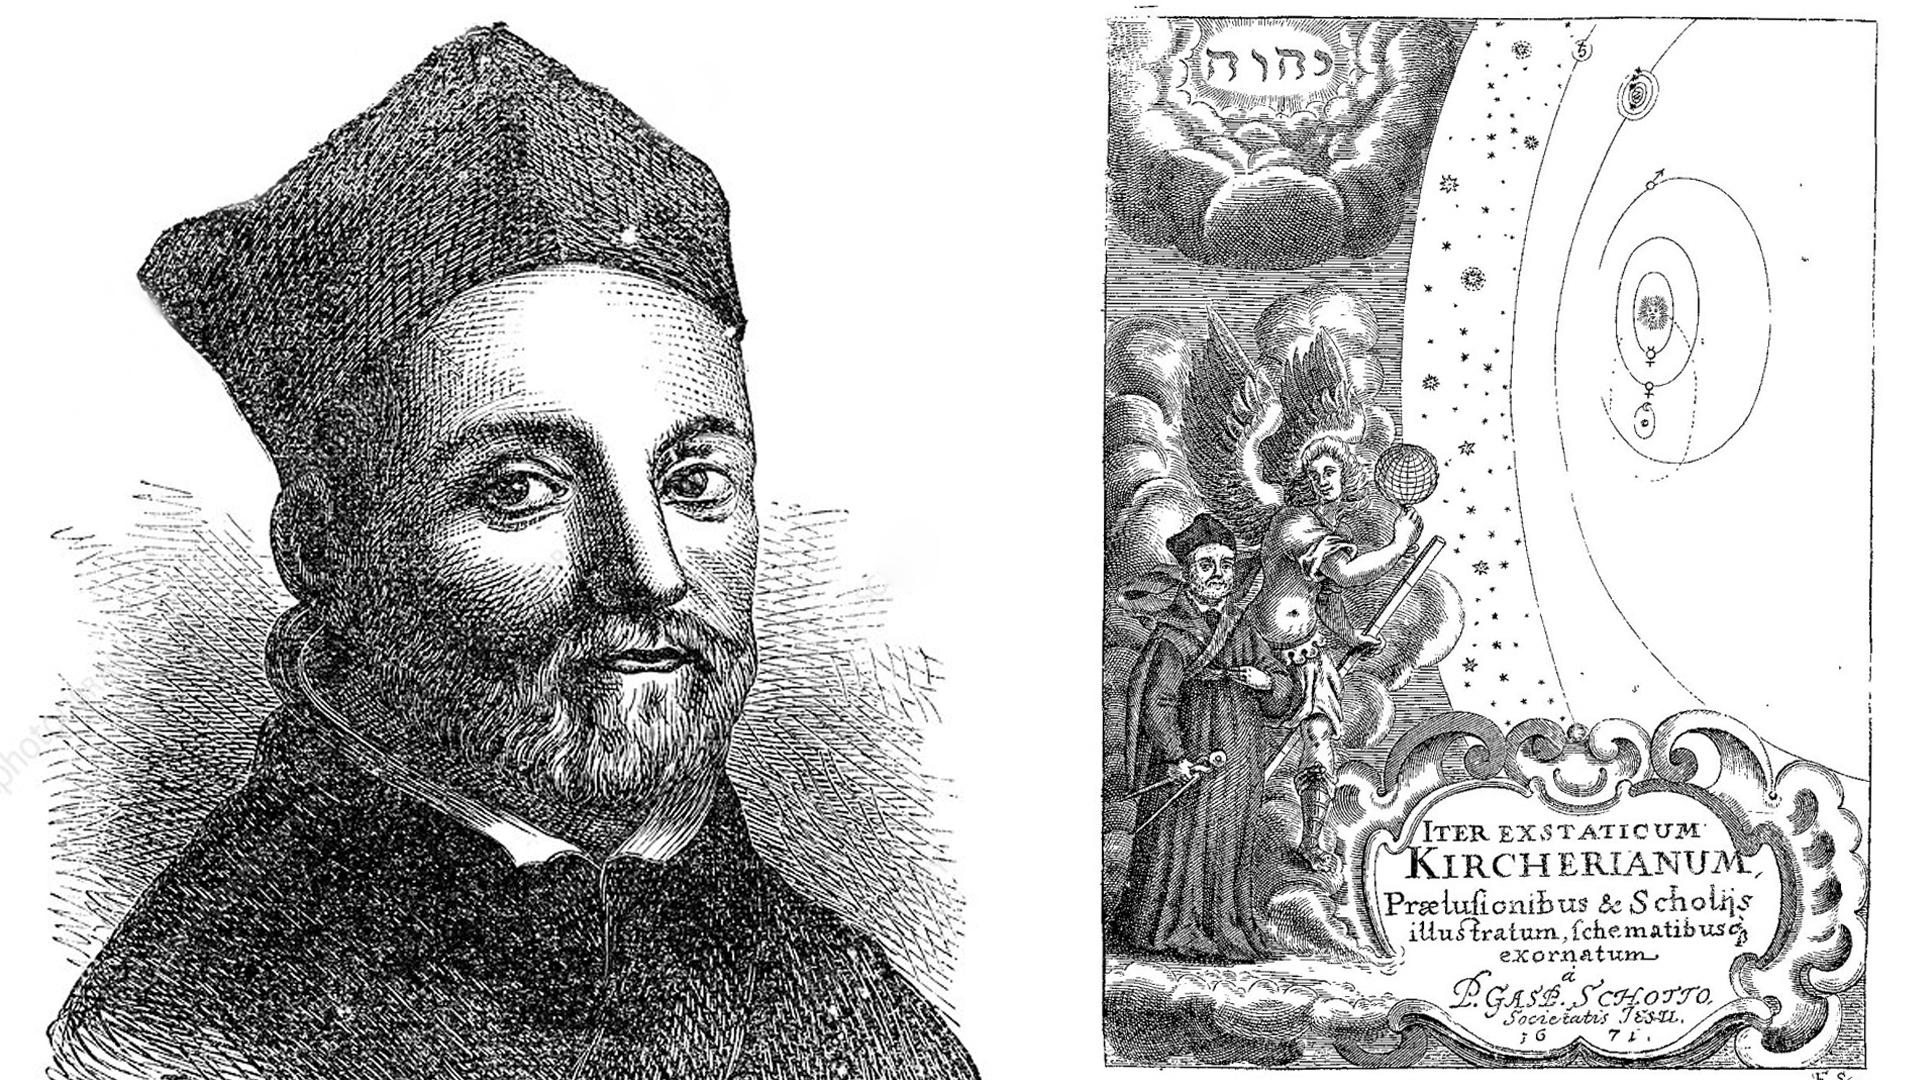 Il neoplatonismo e la matematica nei musei gesuitici: una chiave di lettura dell'Universo 1